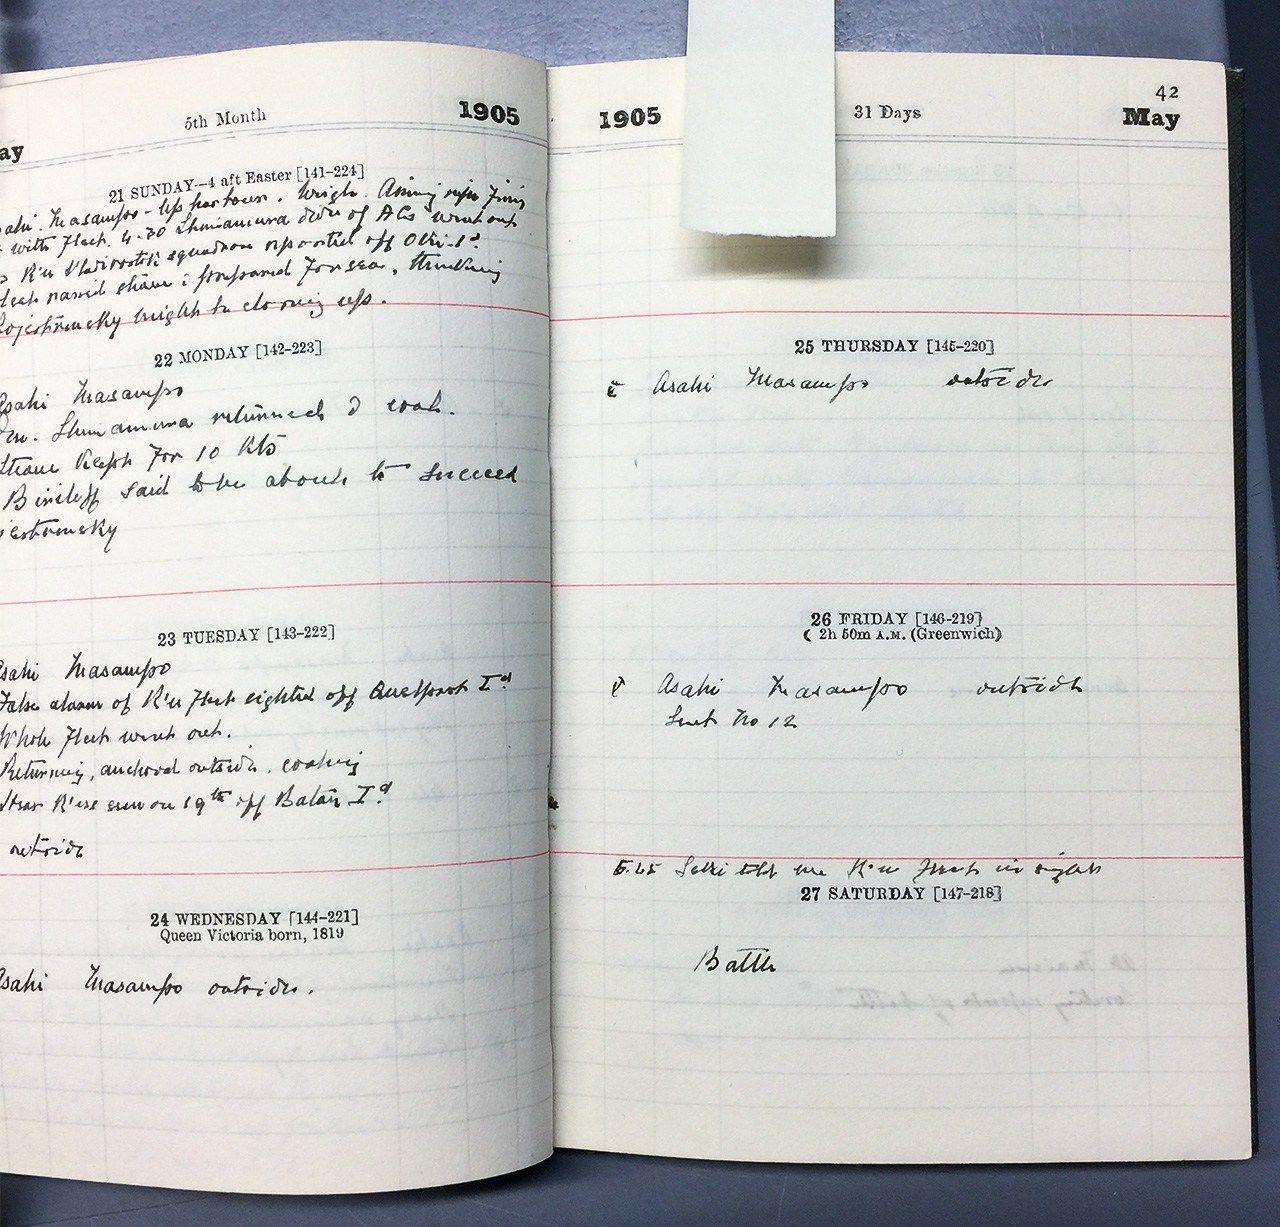 Майские страницы дневника Пакенема за 1905год. Снимок сделан автором статьи (при содействии Национального морского музея Великобритании)